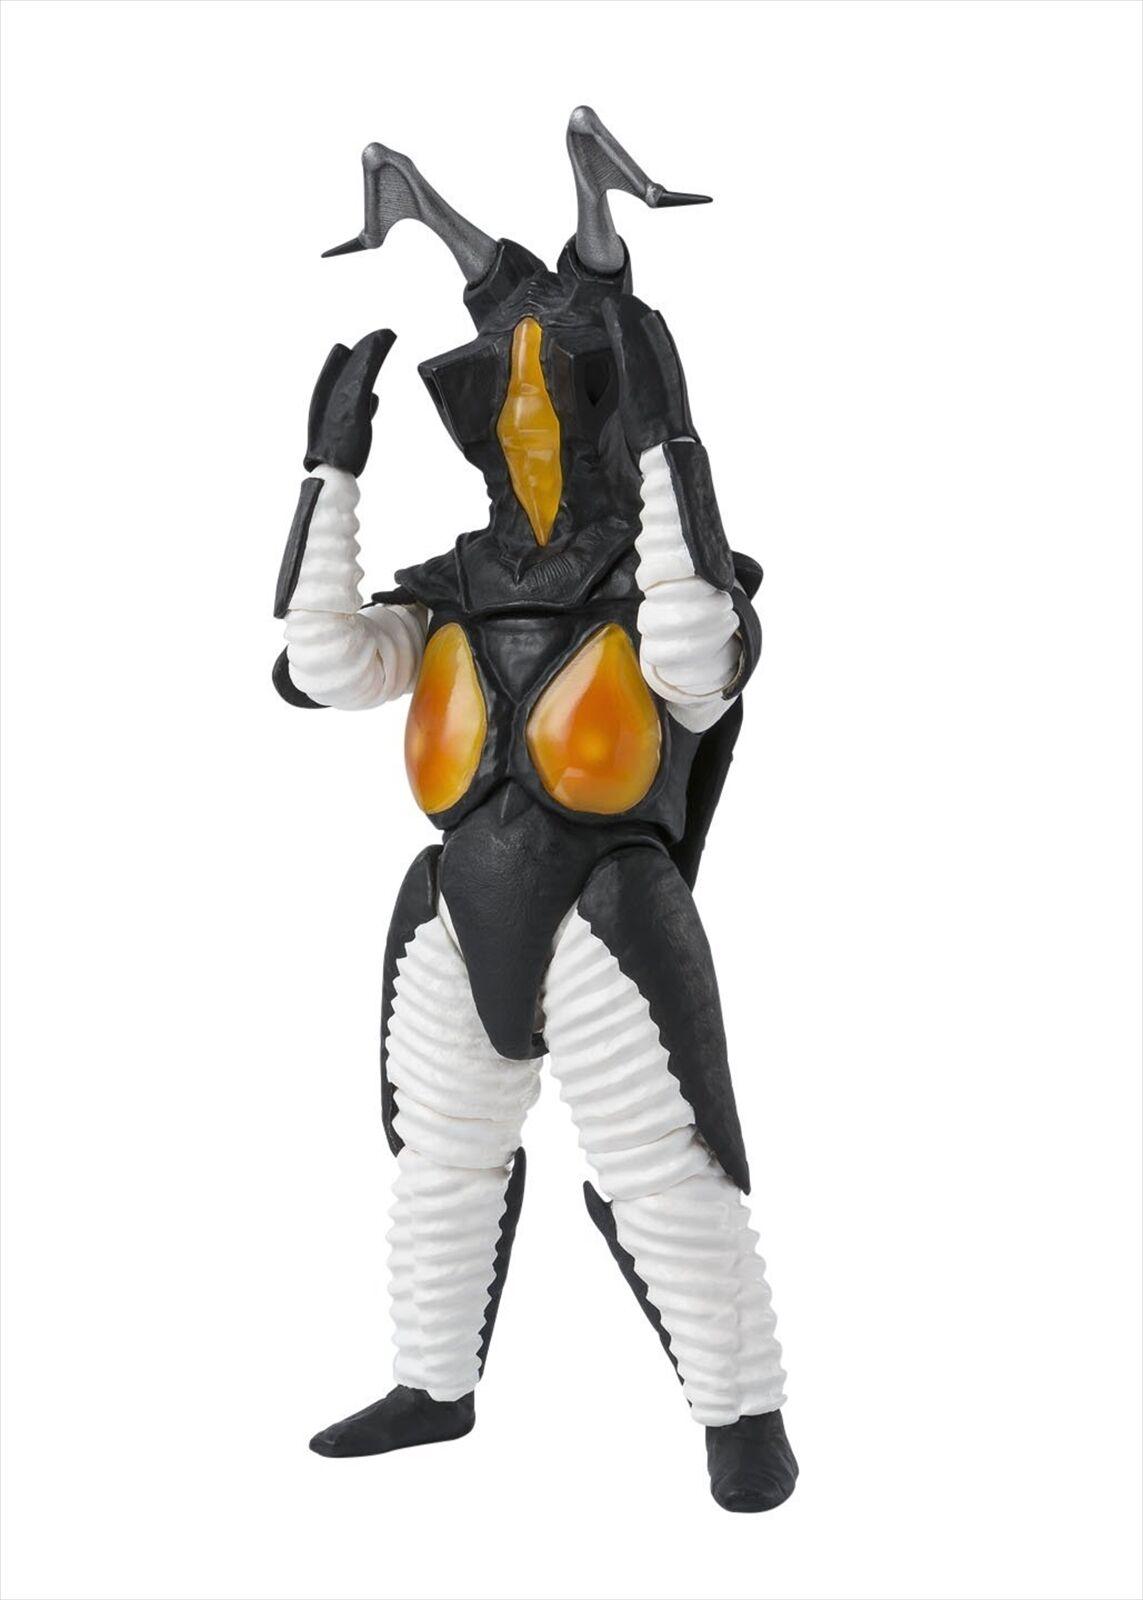 Bandai S.H. Figuarts Ultraman Zetton Action Figure